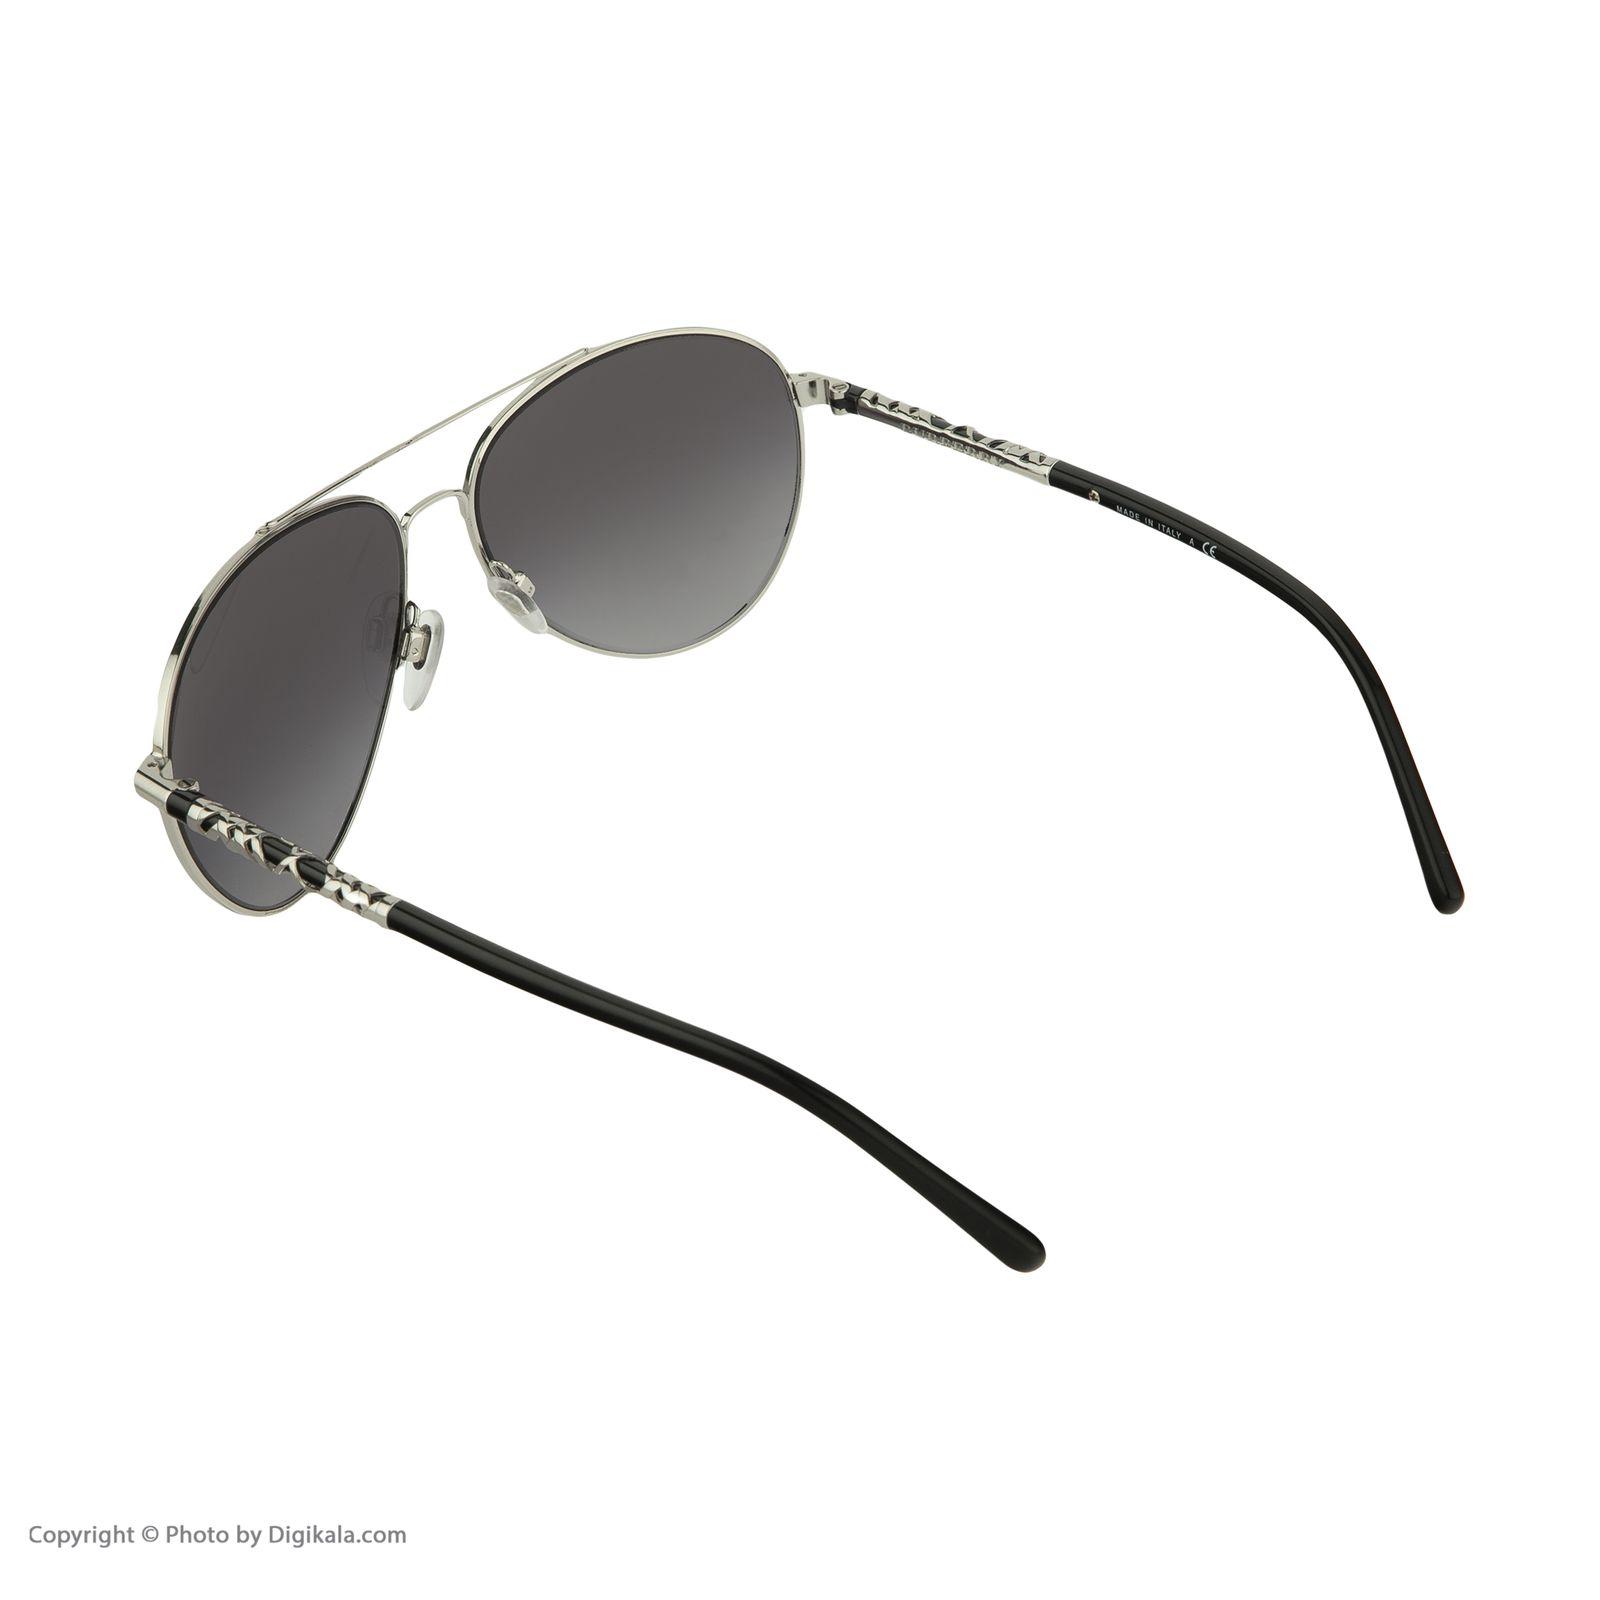 عینک آفتابی زنانه بربری مدل BE 3089S 10058G 58 -  - 5